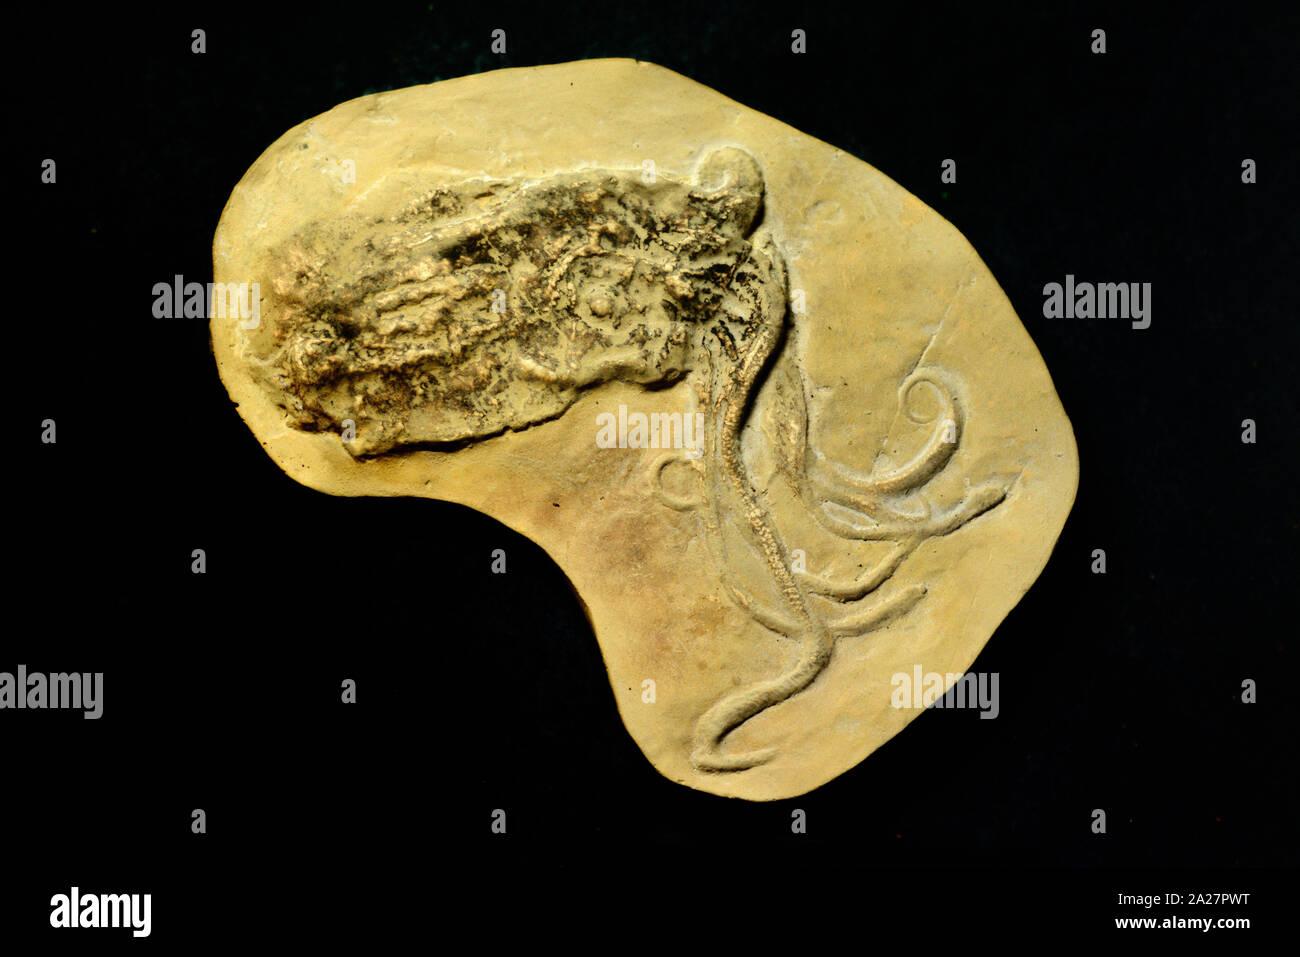 Proteroctopus ribeti fossile, un primitivo estinto Octopod o Octopus dall'era Giurassica 160MA trovati nella regione di Ardeche Francia Foto Stock